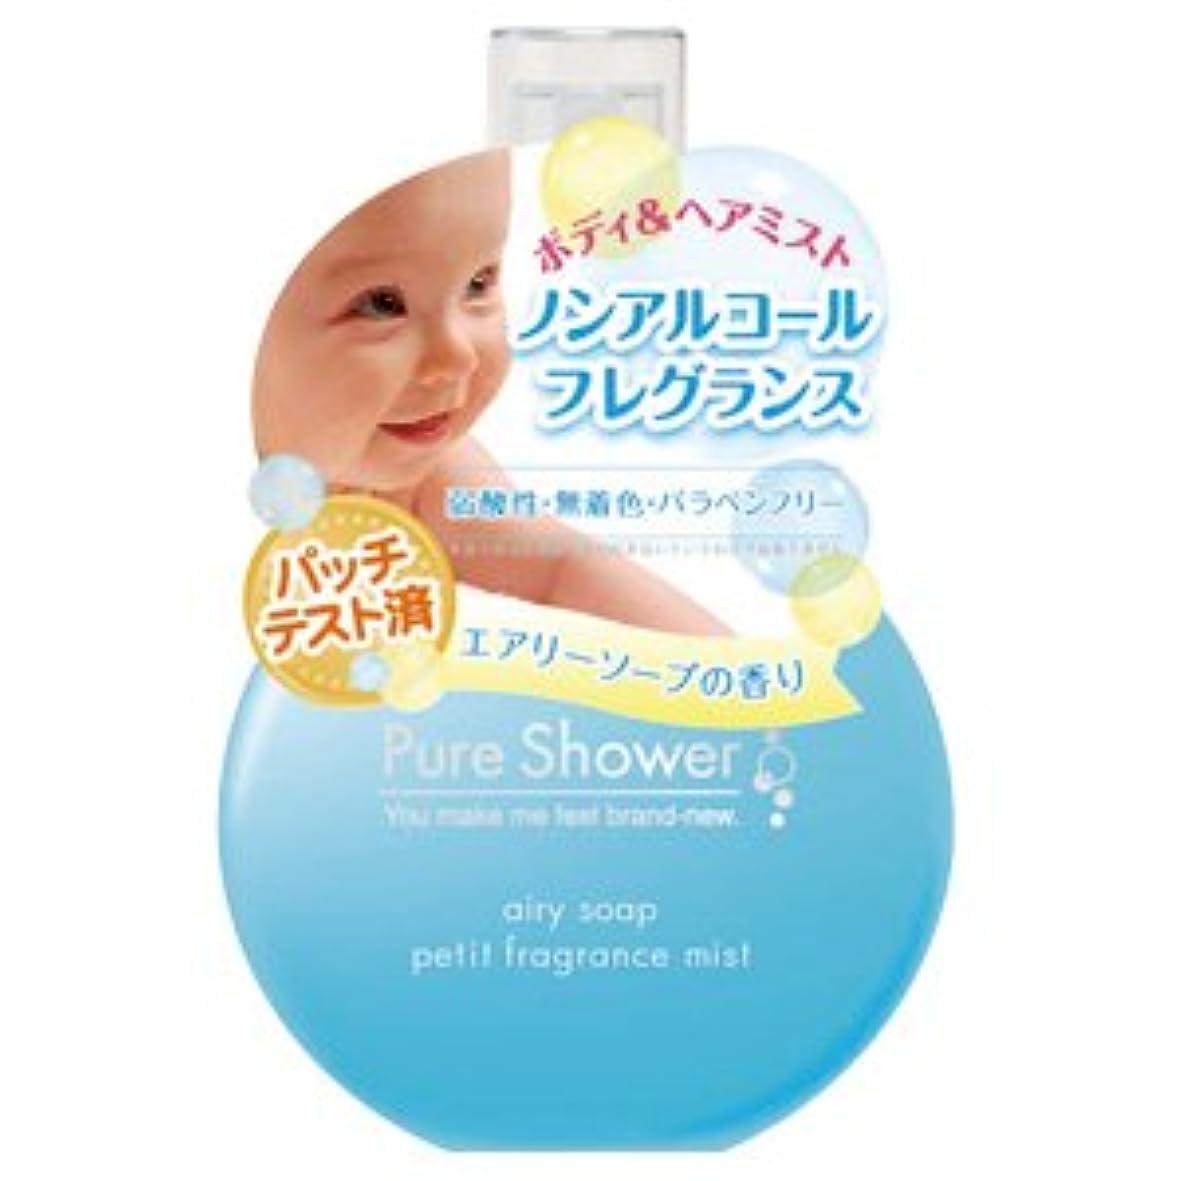 ピュアシャワー Pure Shower ノンアルコール フレグランスミスト エアリーソープ 50ml